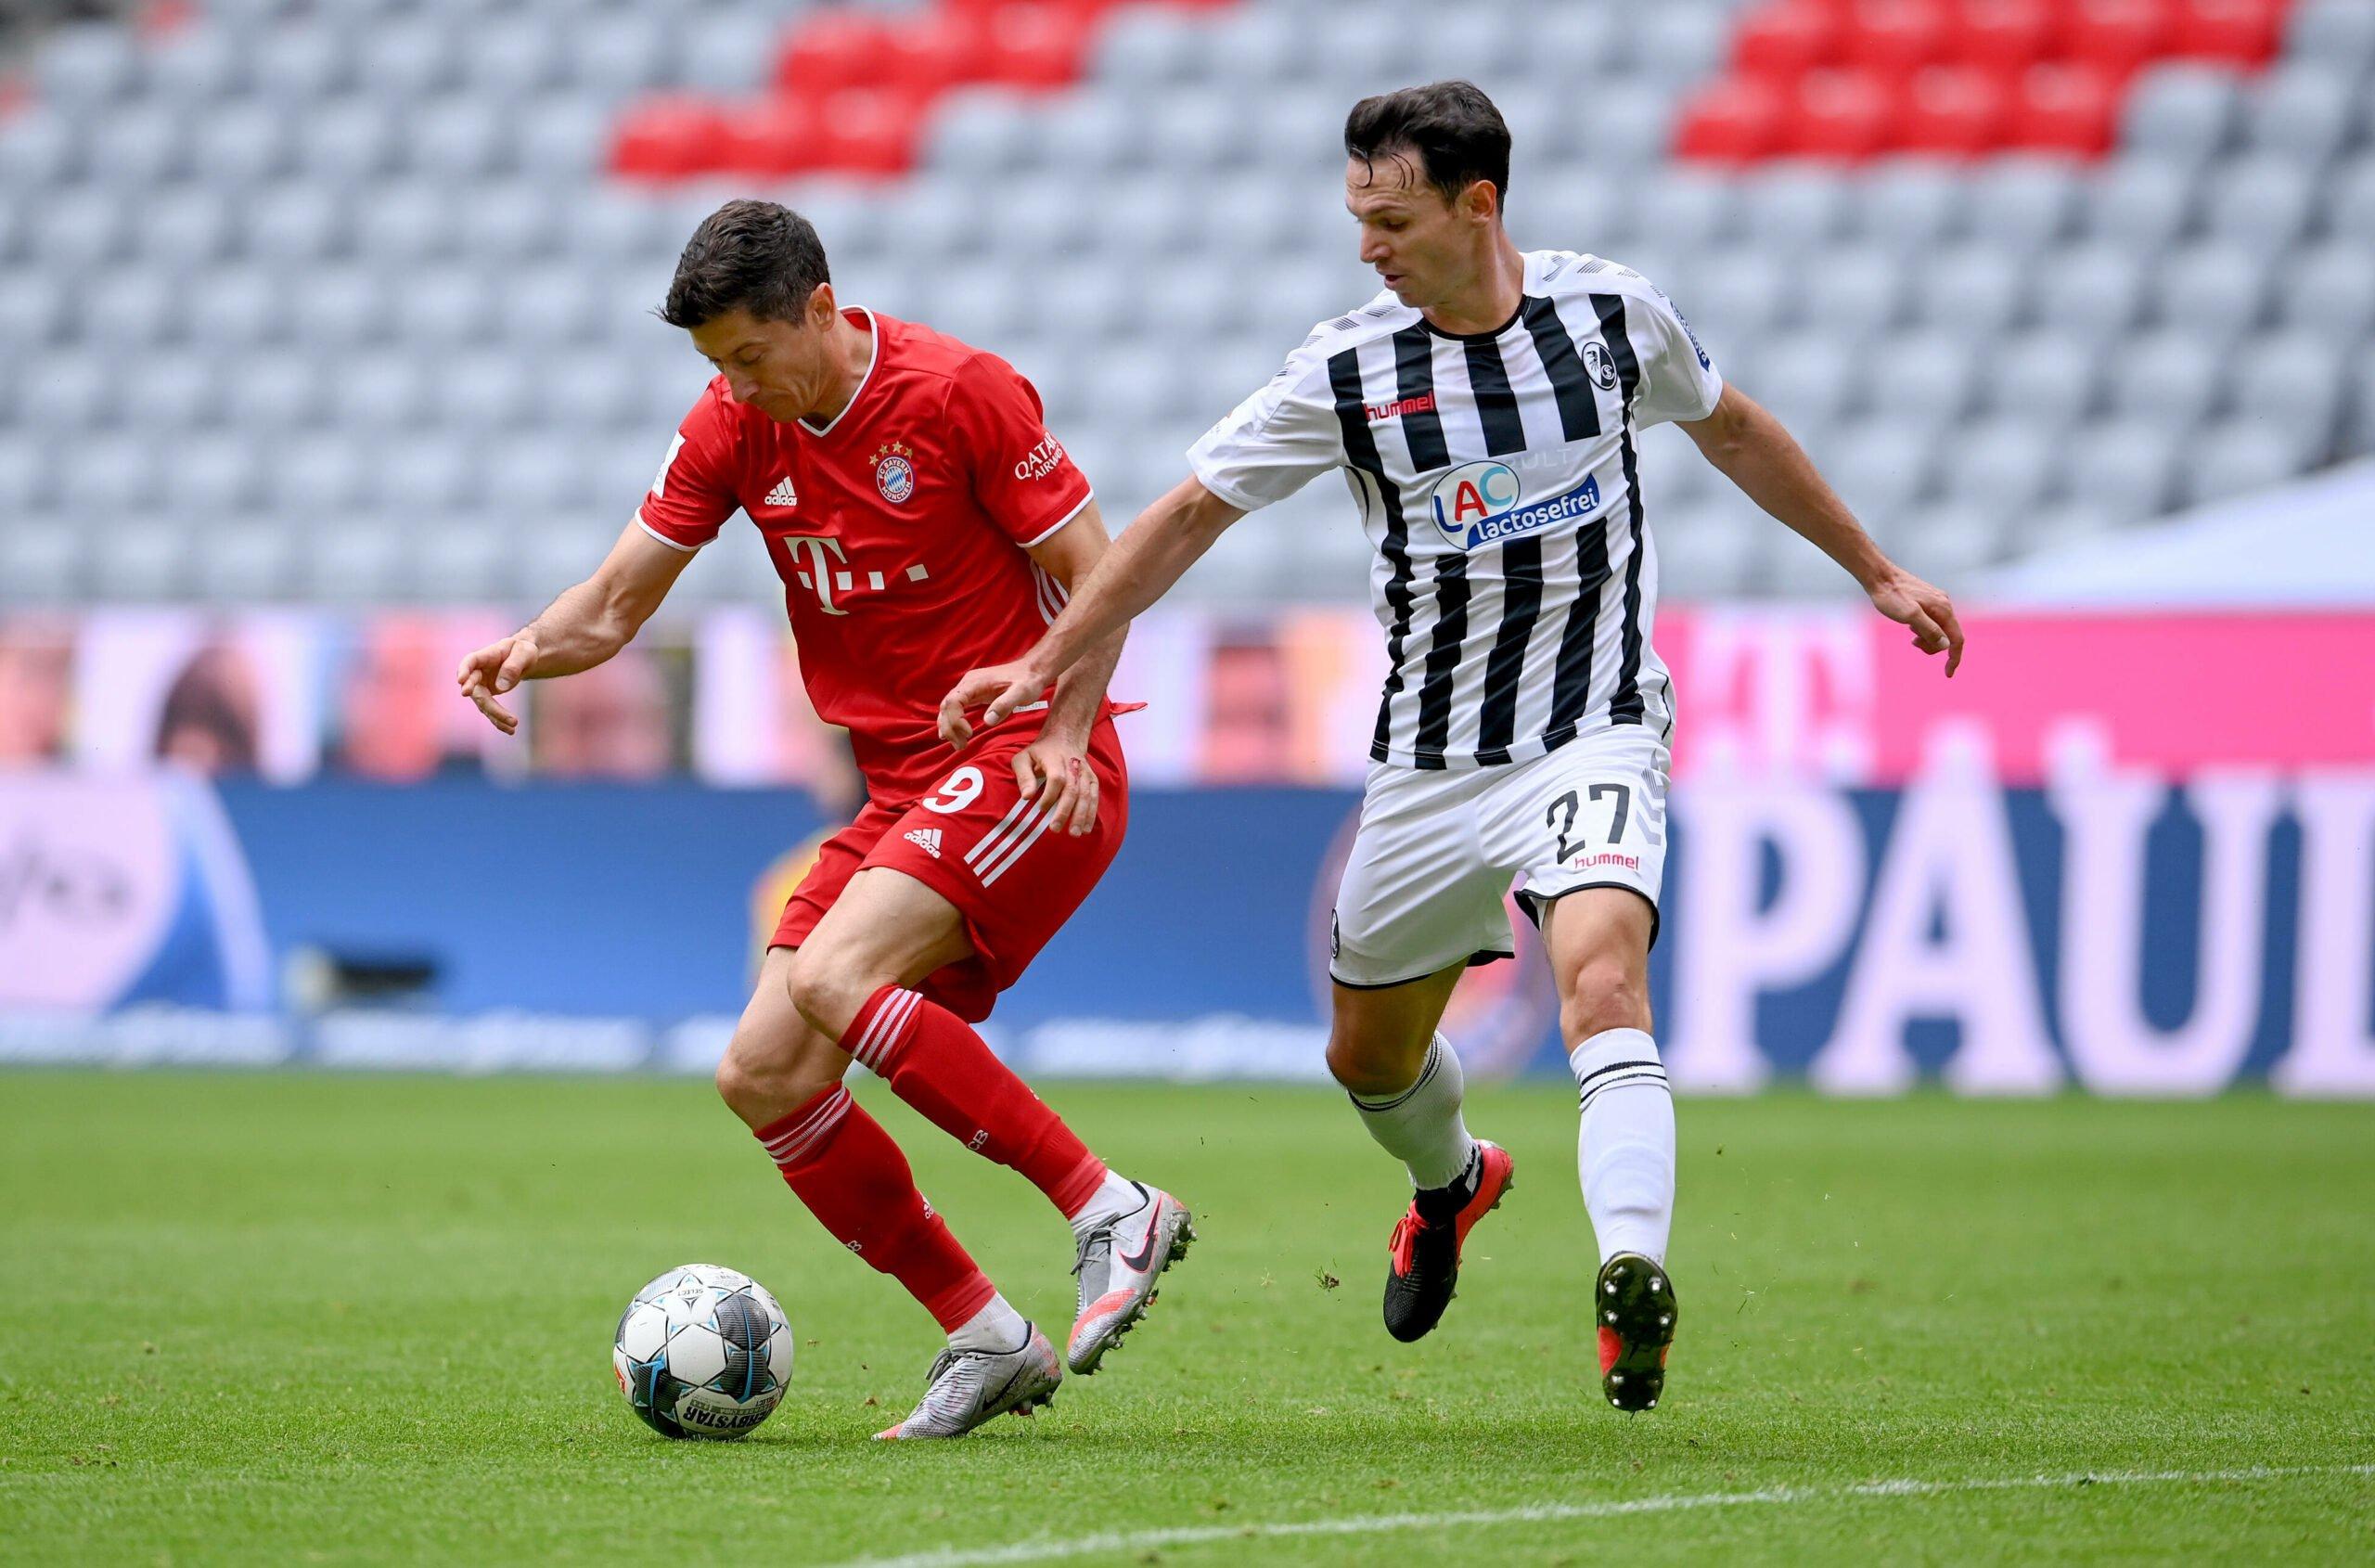 FC Bayern vs. SC Freiburg